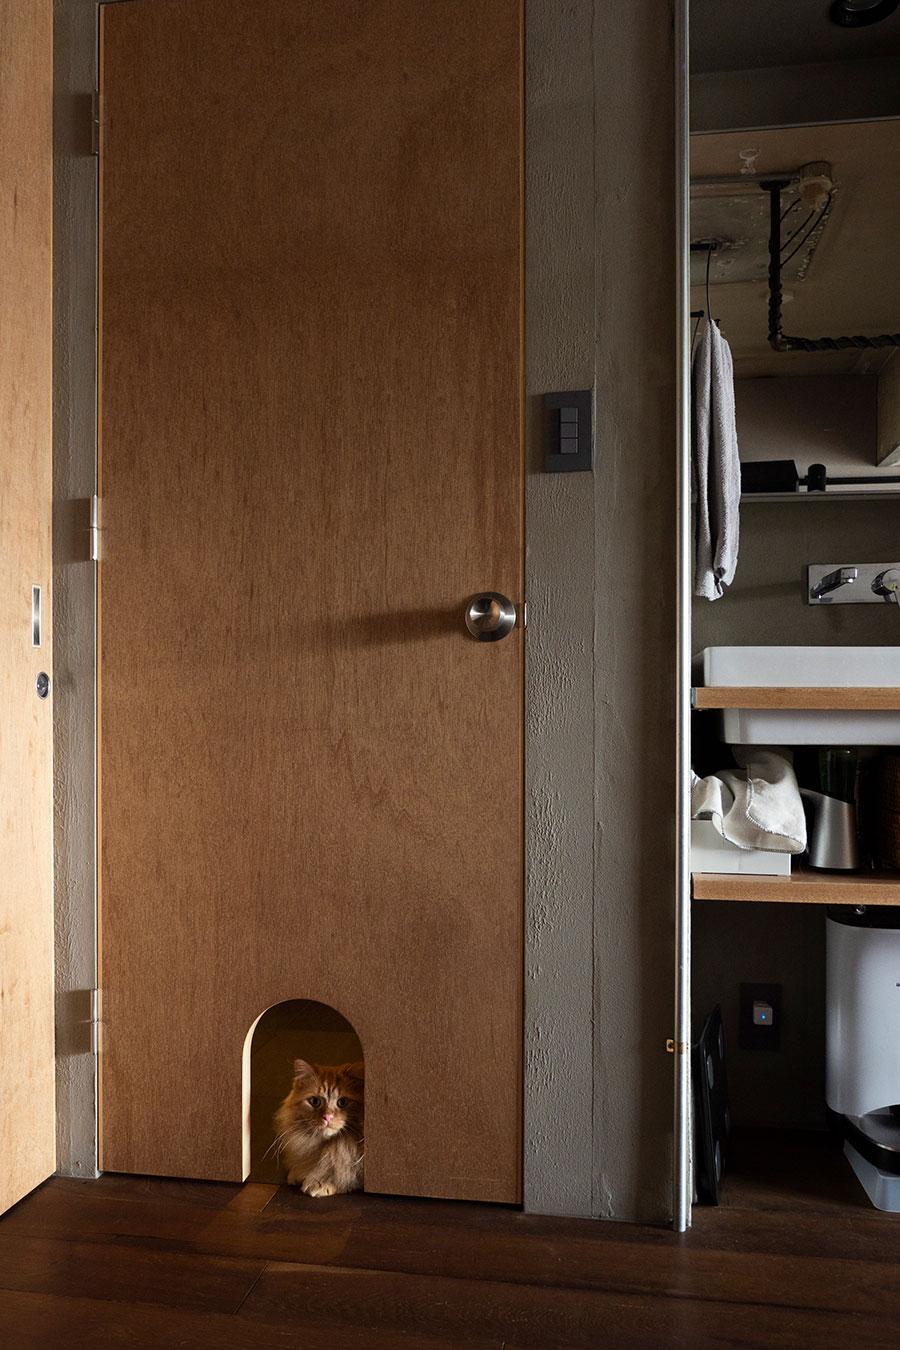 ラワンの建具が優しい雰囲気。猫の出入り窓はアーチ型に。